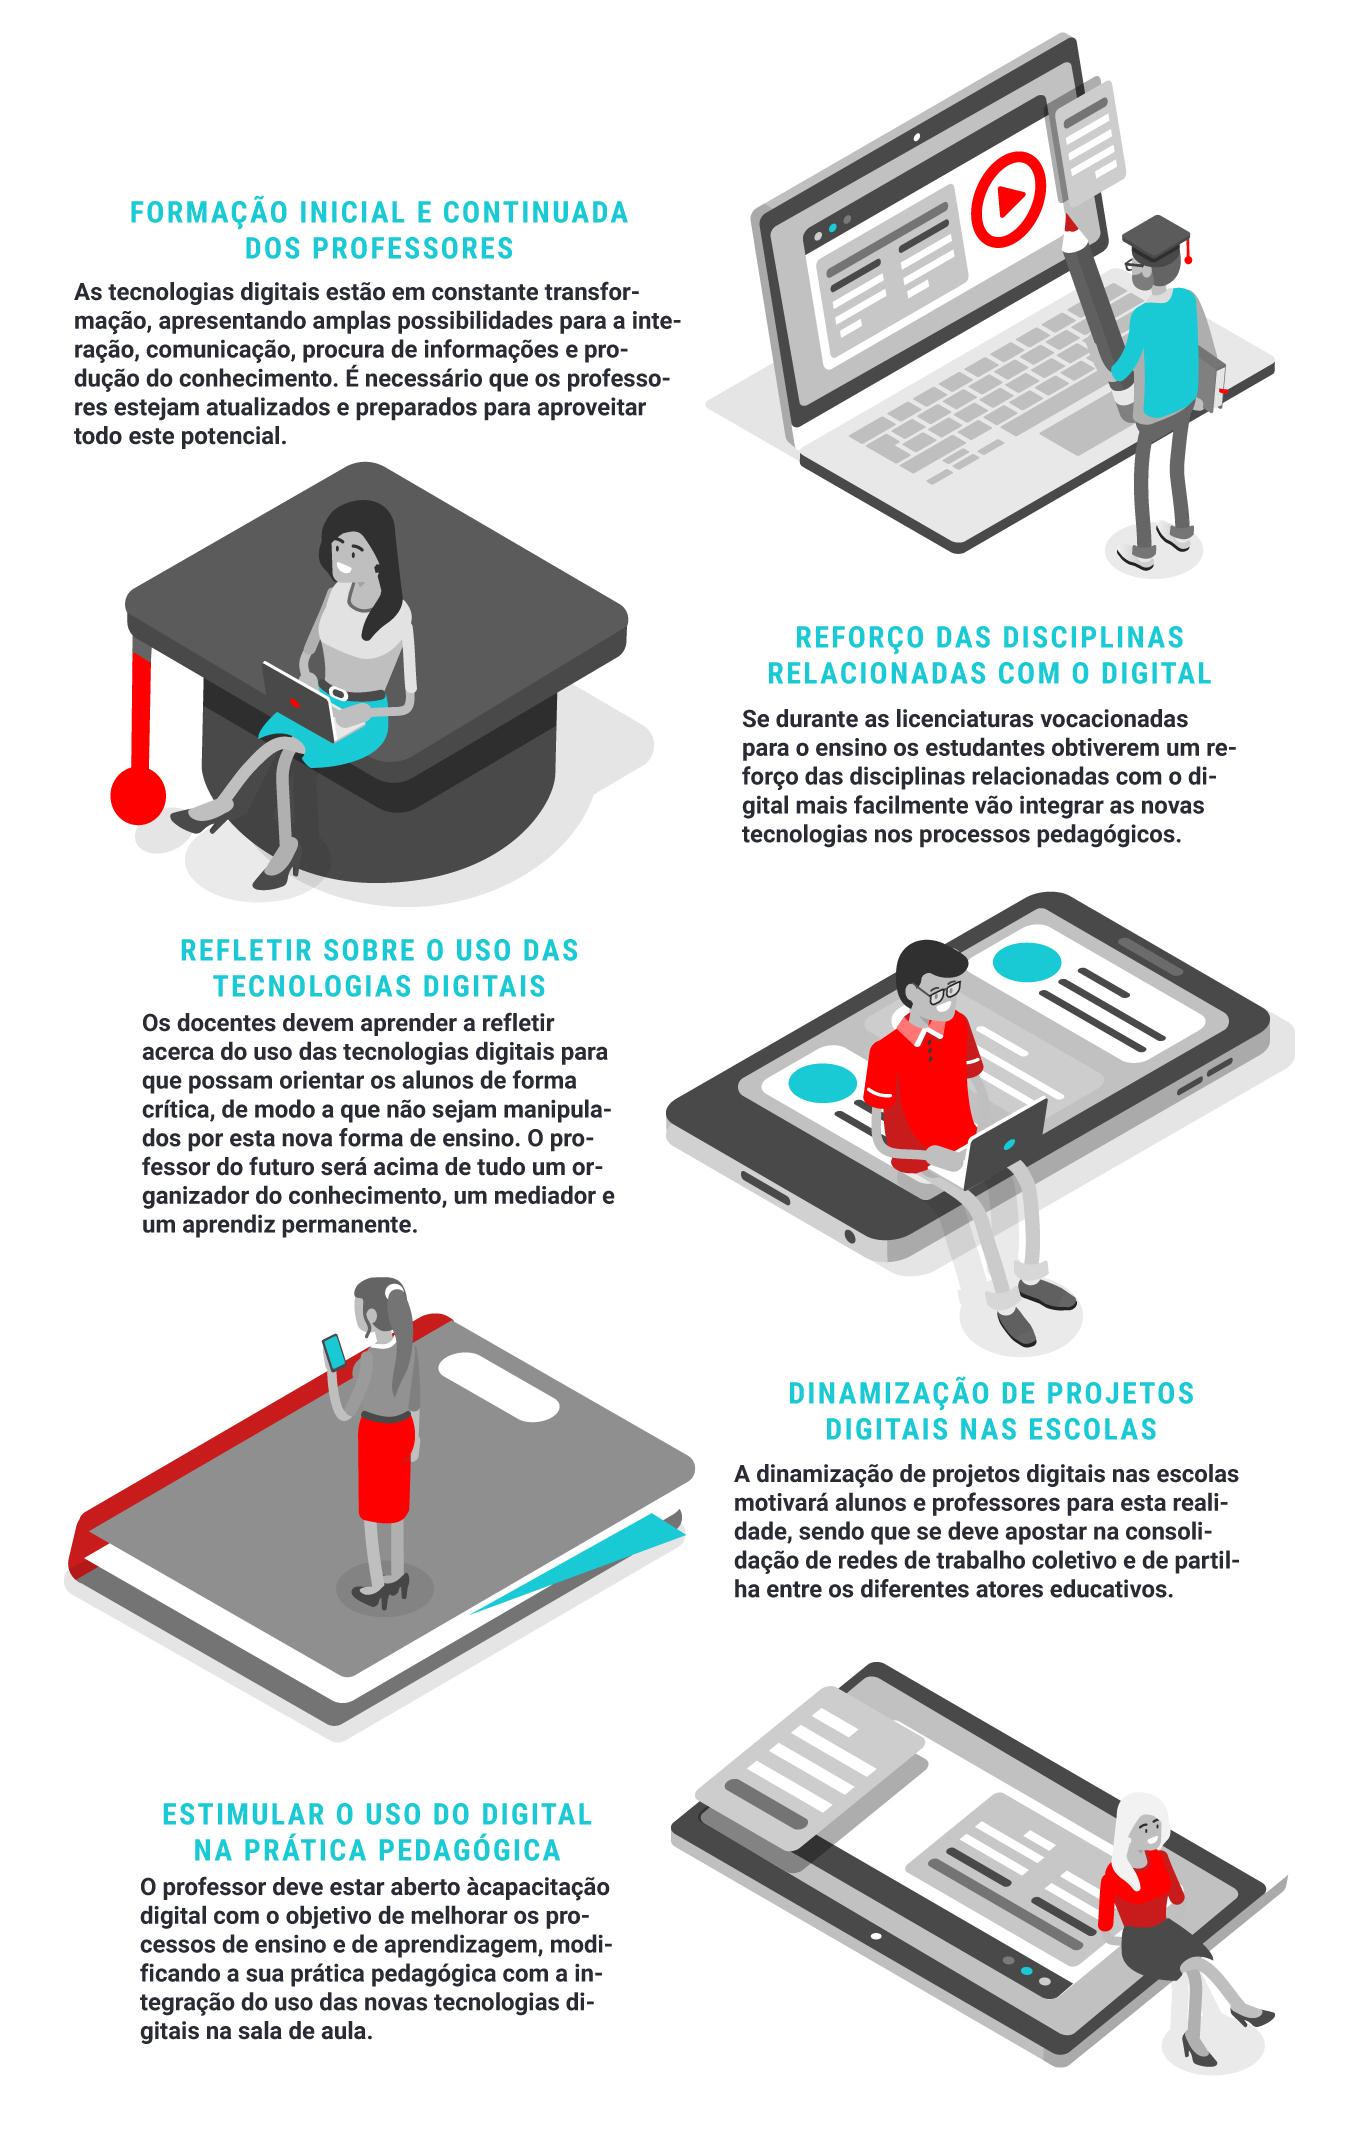 INFG 5 estratégias para melhorar a capacitação digital dos professores universitários